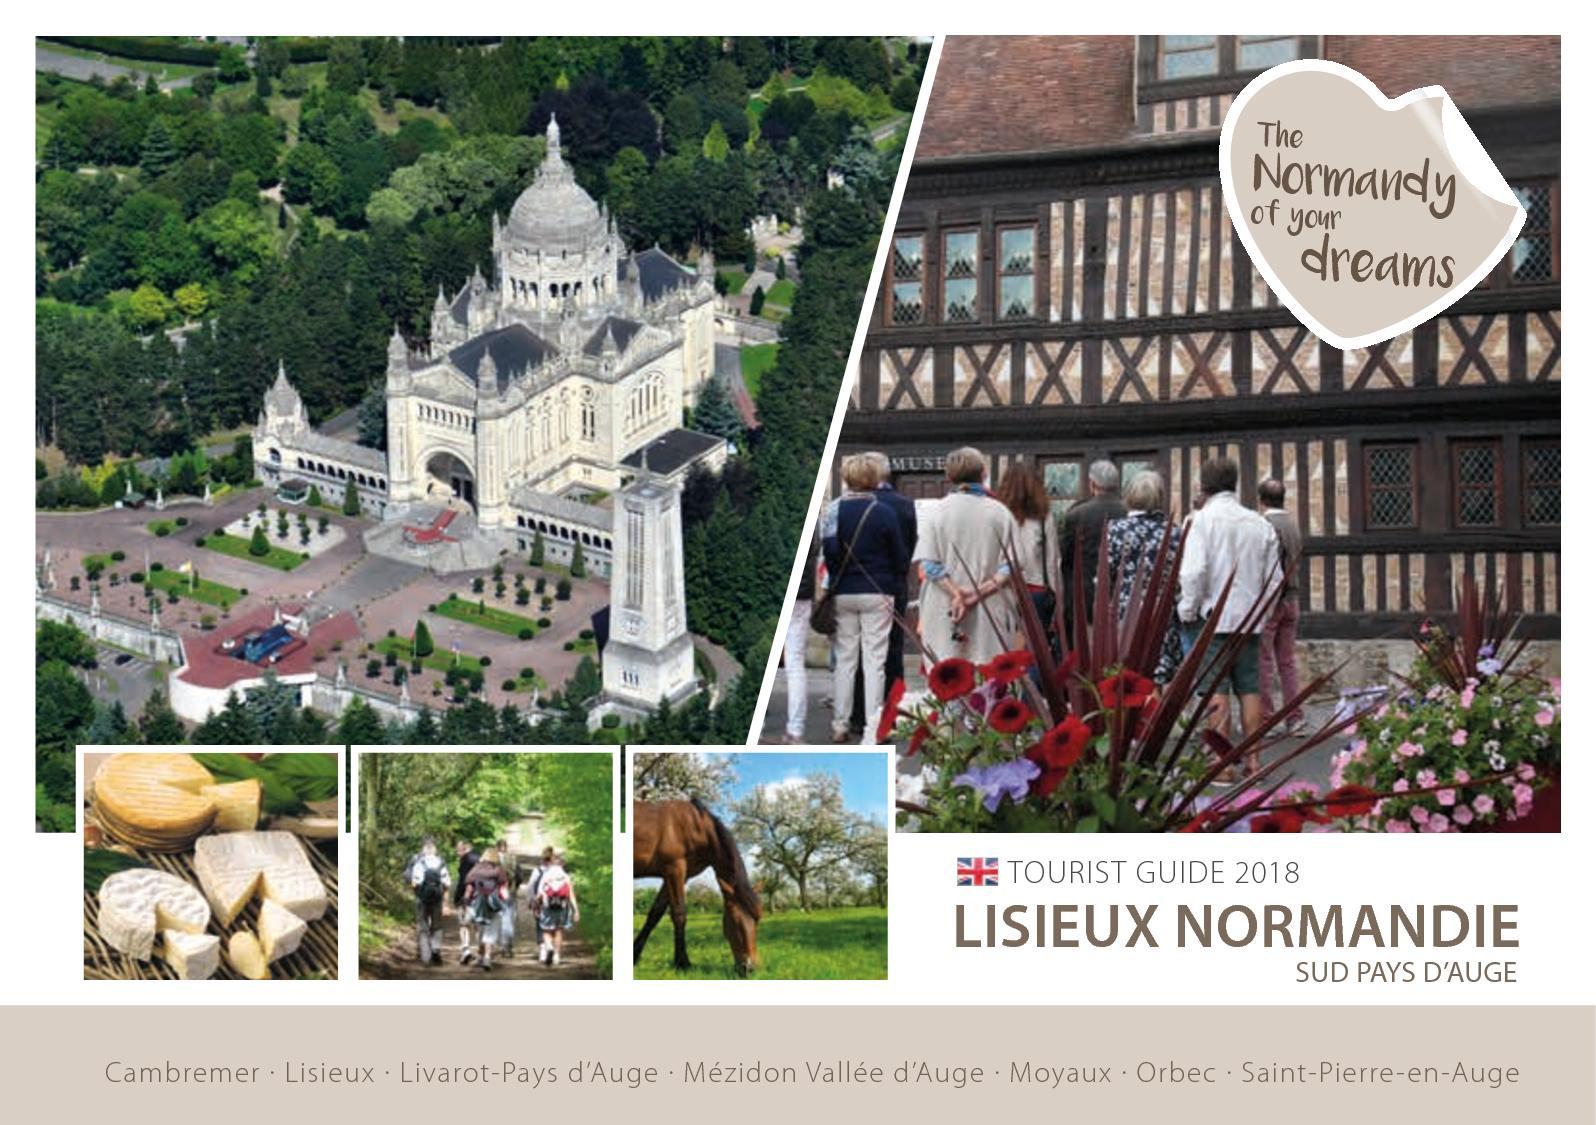 Salon De Jardin D Angle Nouveau Calaméo Gb tourist Guide 2018 Lisieux norman Of 24 Luxe Salon De Jardin D Angle